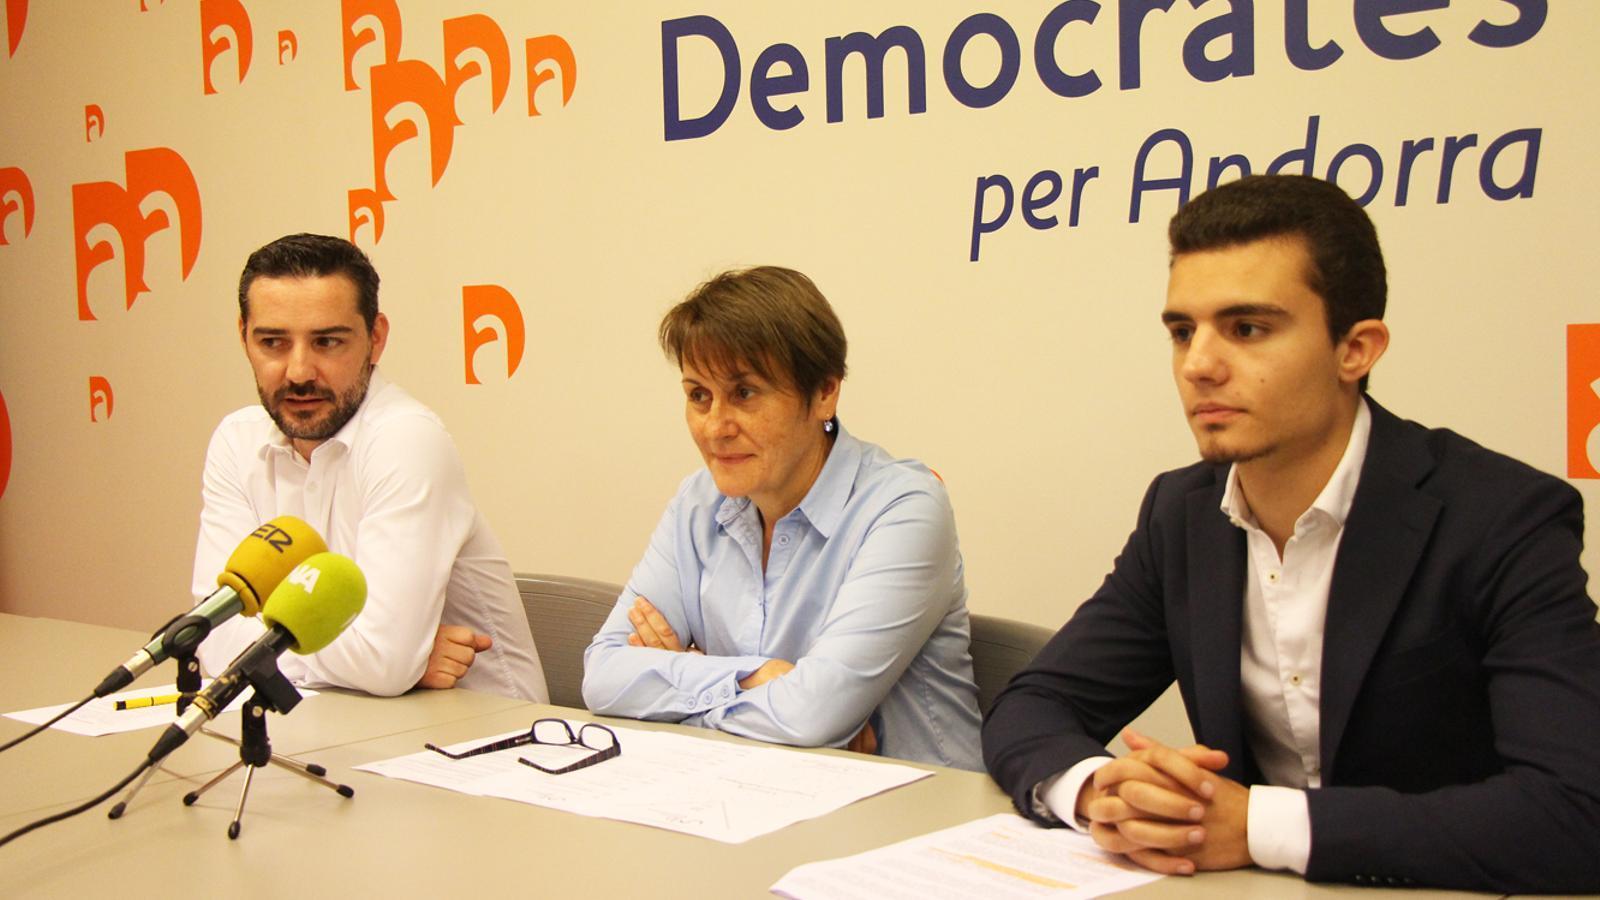 El secretari de comunicació de DA, Marc Ballestà; la secretària d'organització, Roser Suñé, i el president de la secció jove, Jordi Ribes, durant la roda de premsa. / M. T.